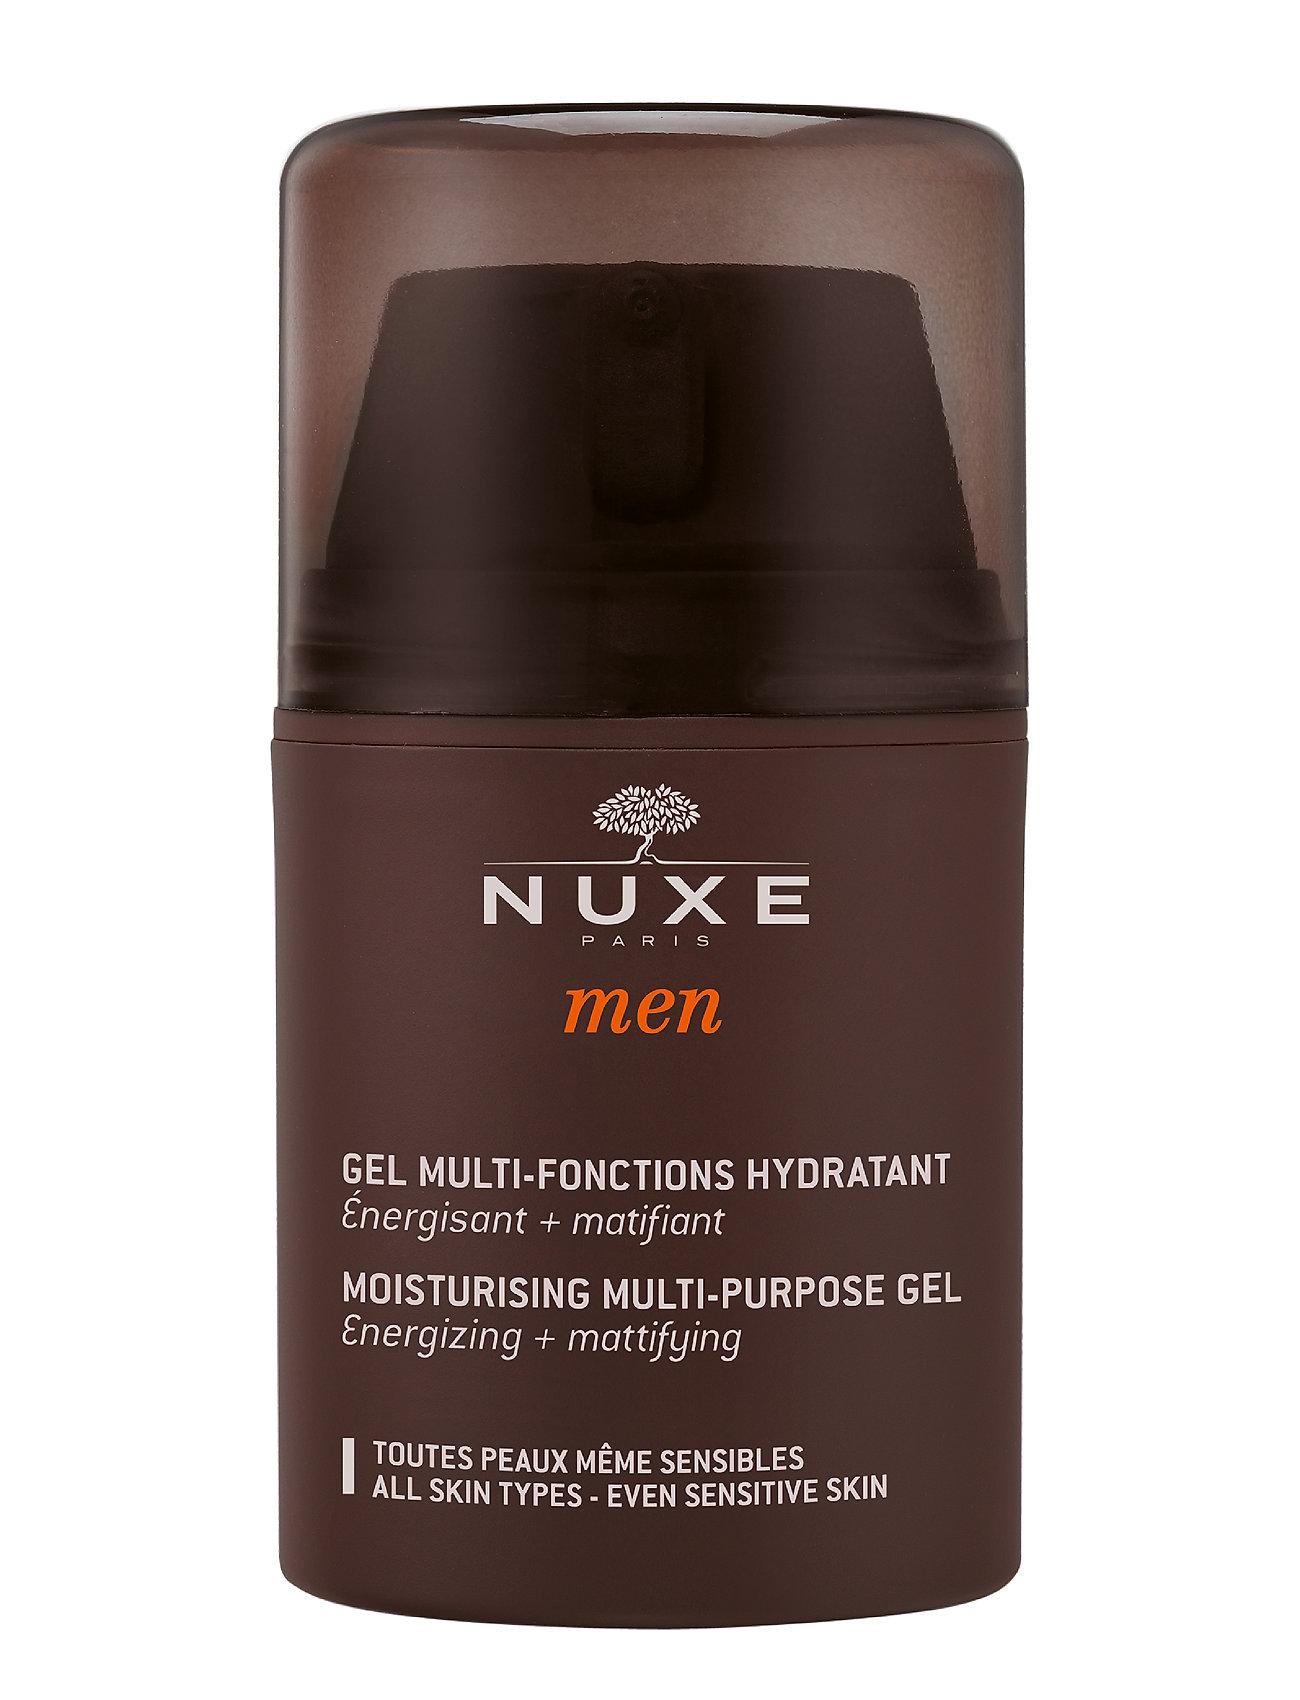 nuxe – Nuxe men moist gel fra boozt.com dk